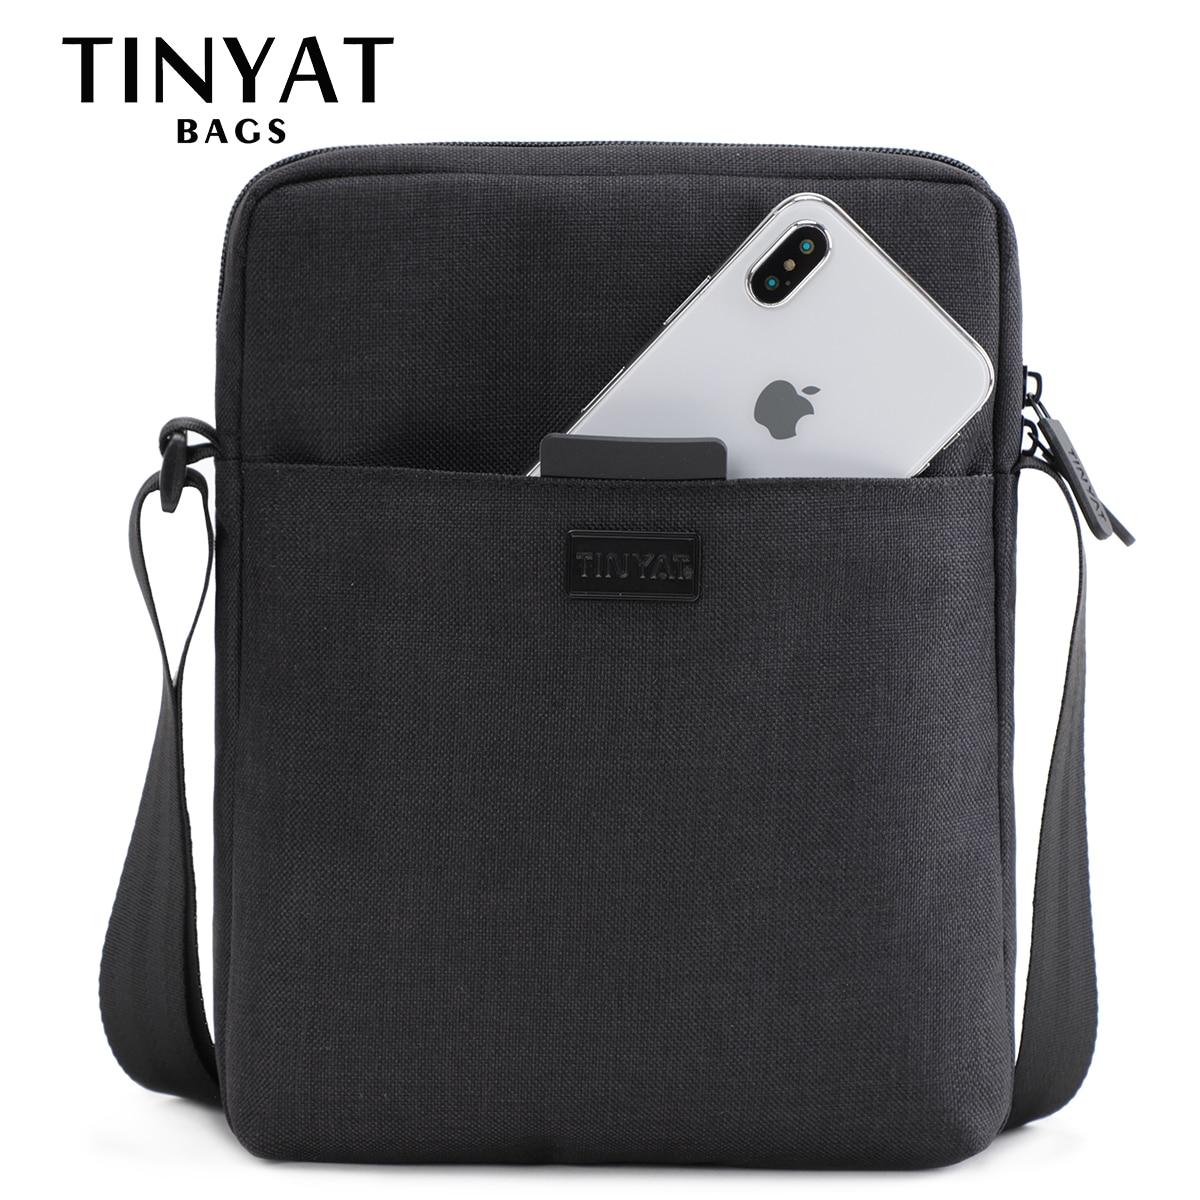 Cумка Mужская Мужская наплечная сумка TINYAT, легкая водонепроницаемая наплечная сумка для планшета (7,9 дюймов), 0,13 кг